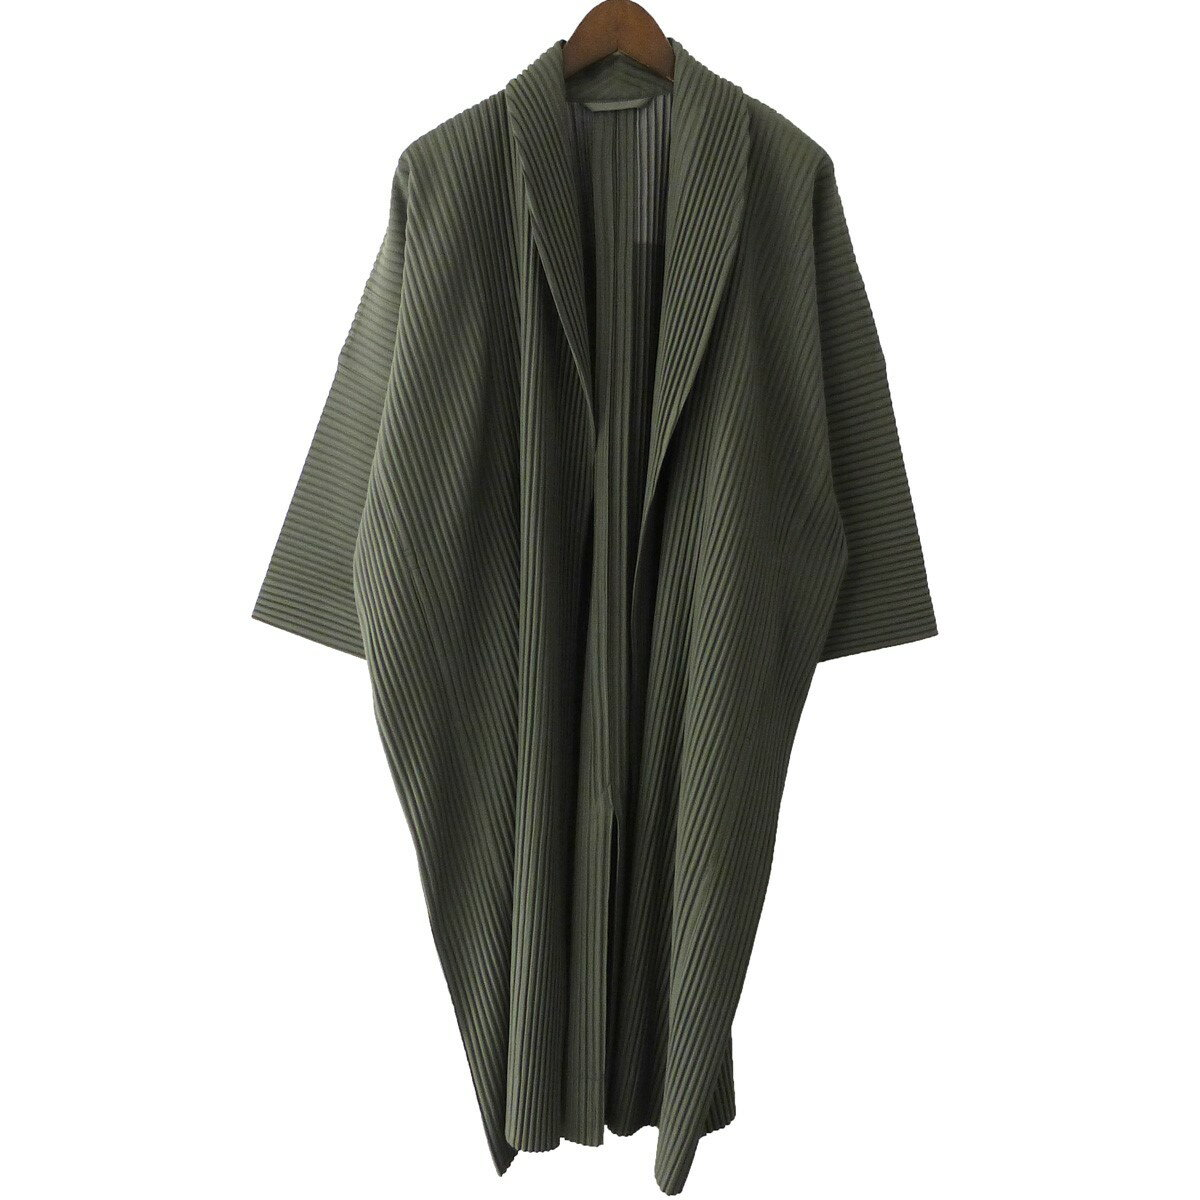 メンズファッション, コート・ジャケット HOMME PLISSE ISSEY MIYAKE 18AW 1 060420